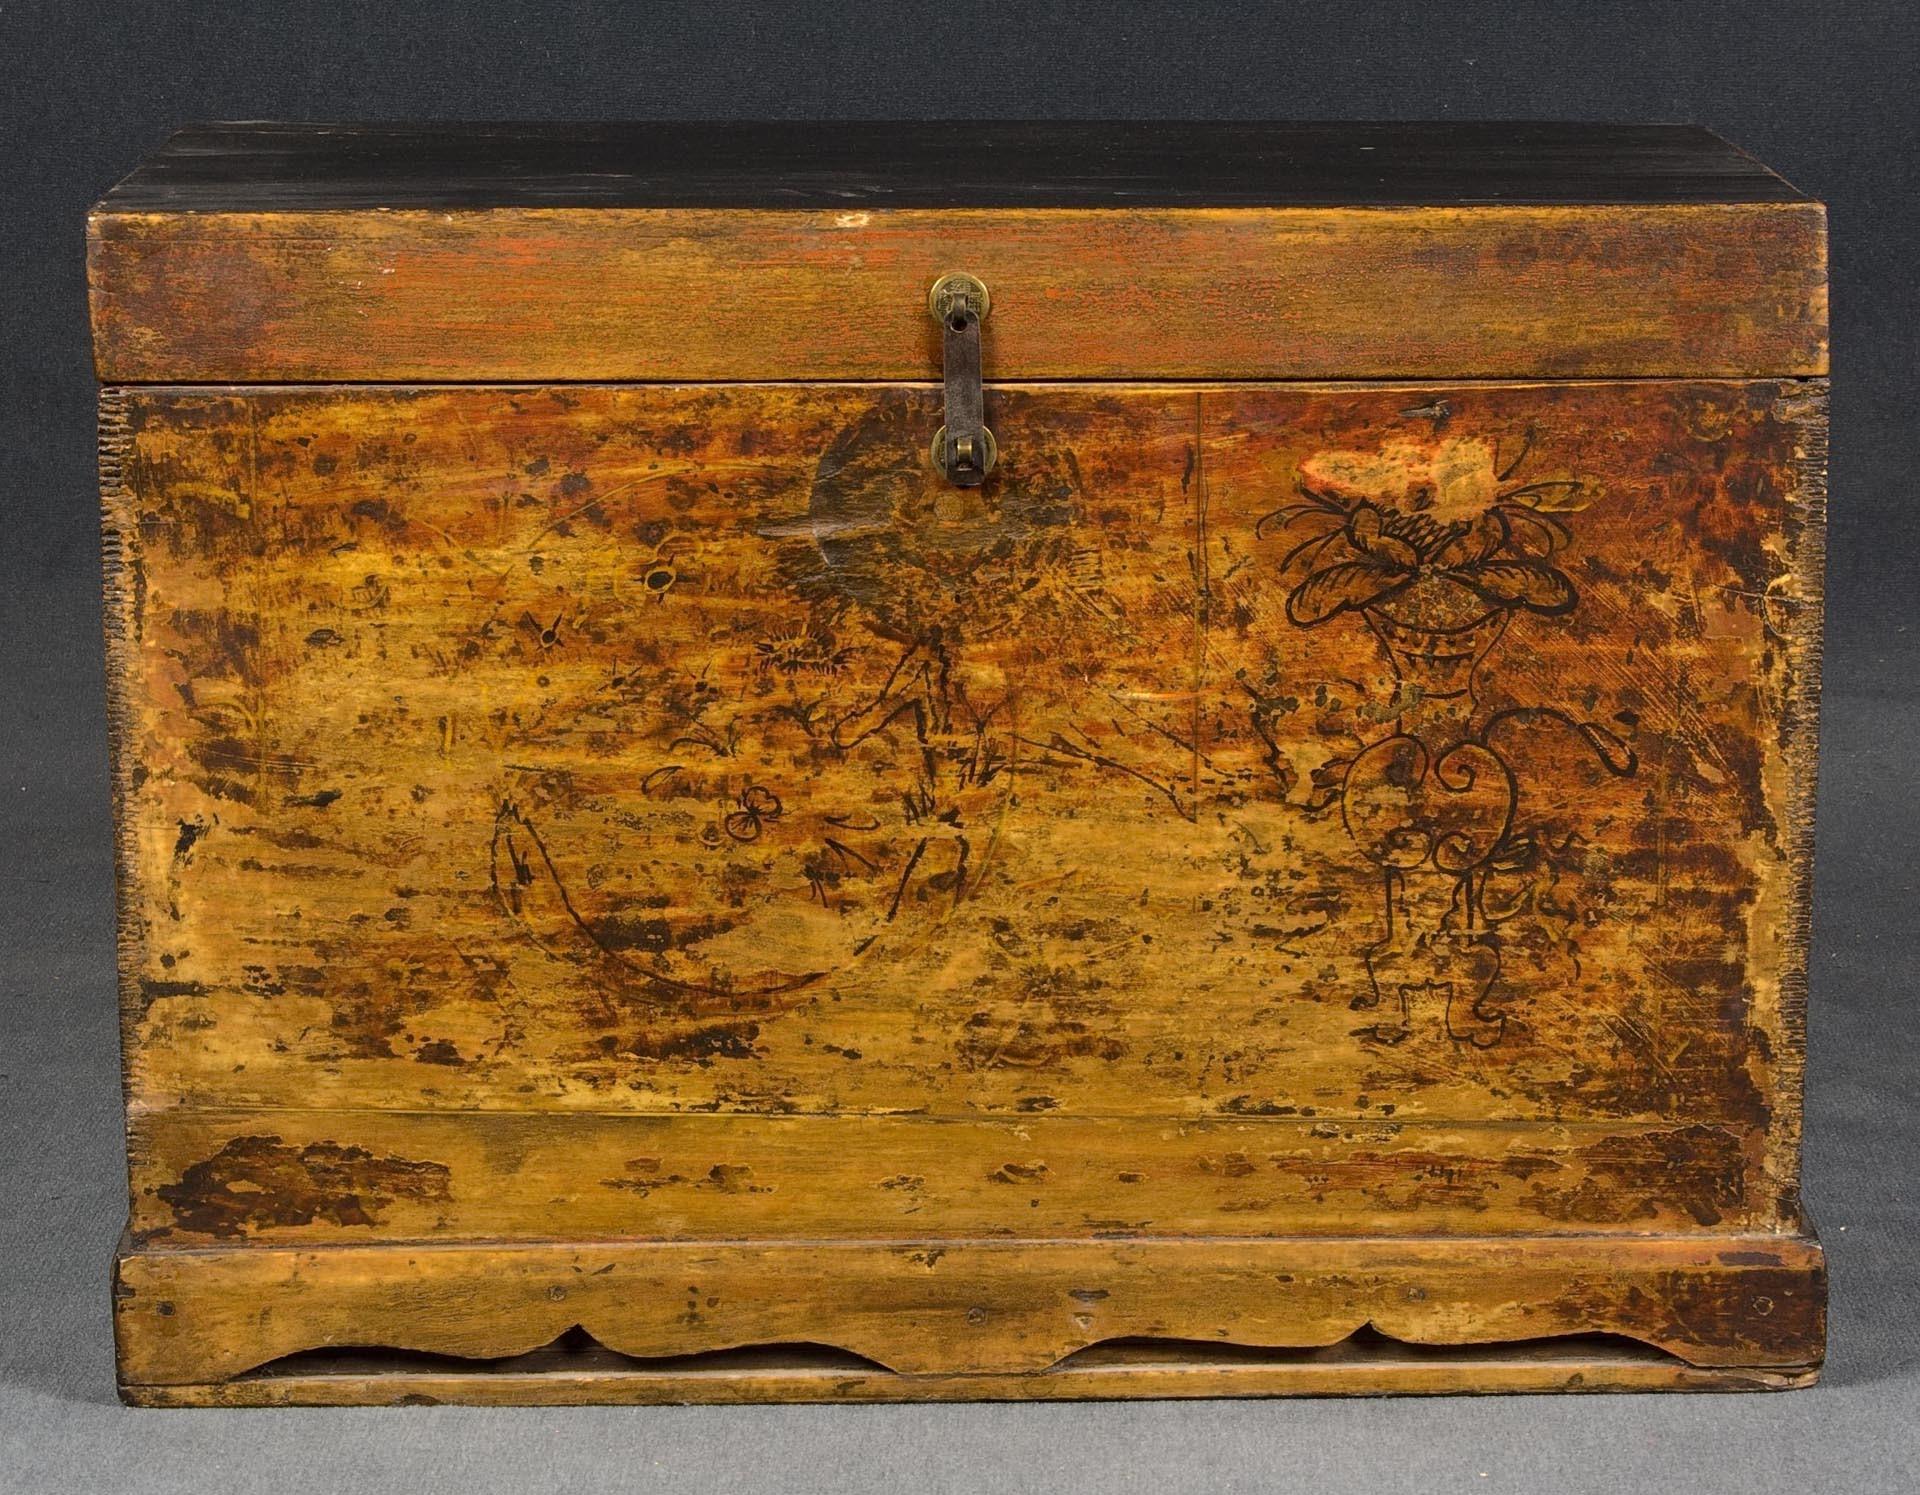 Ba l antiguo y ba l de madera batavia - Baul de madera antiguo ...